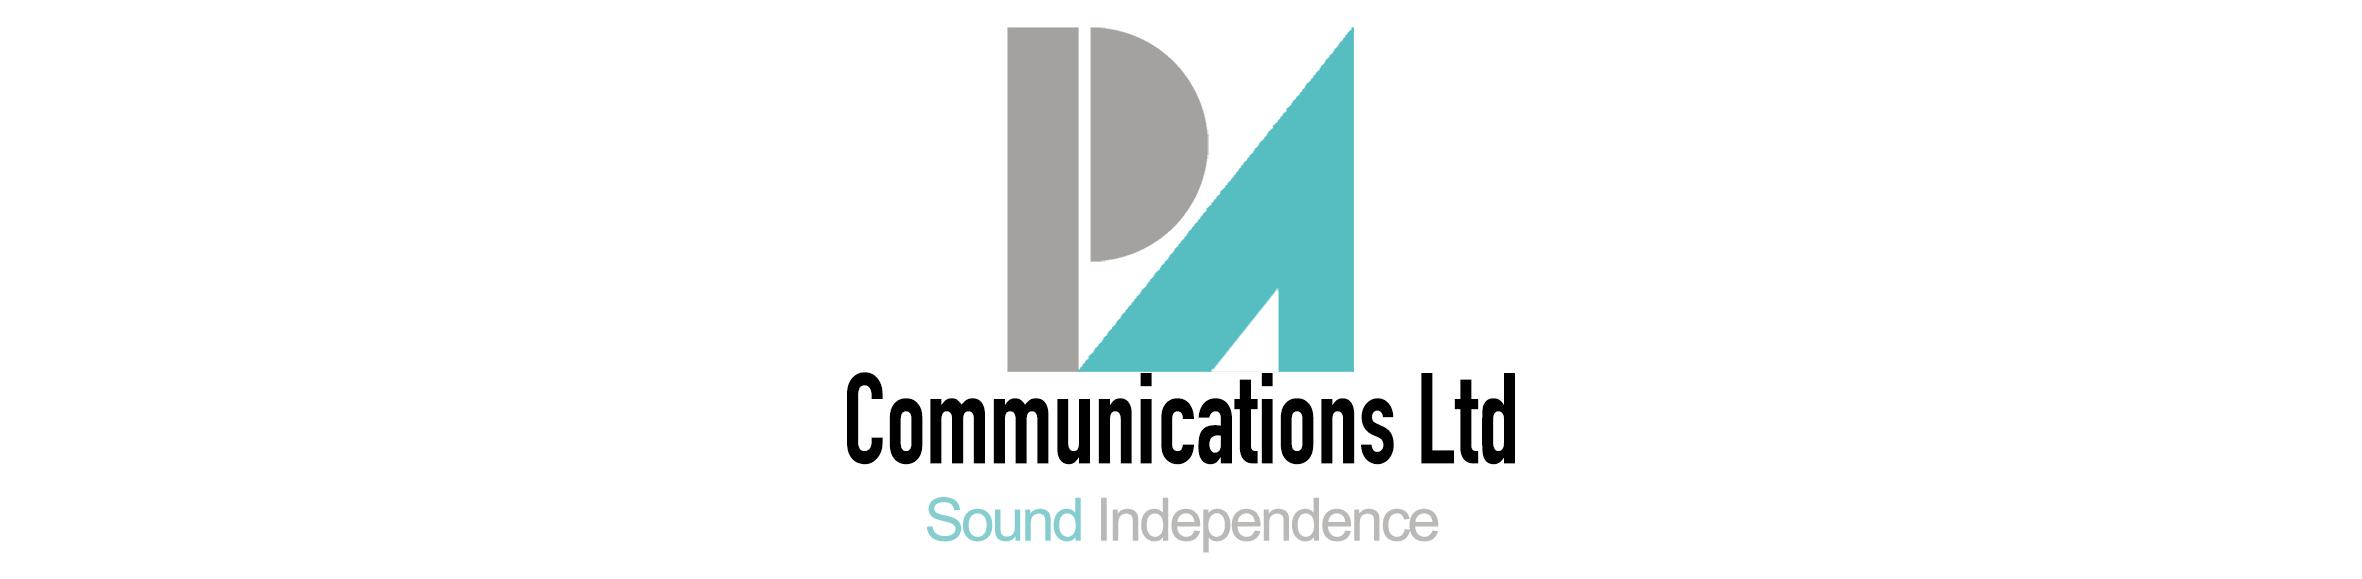 PA Communications